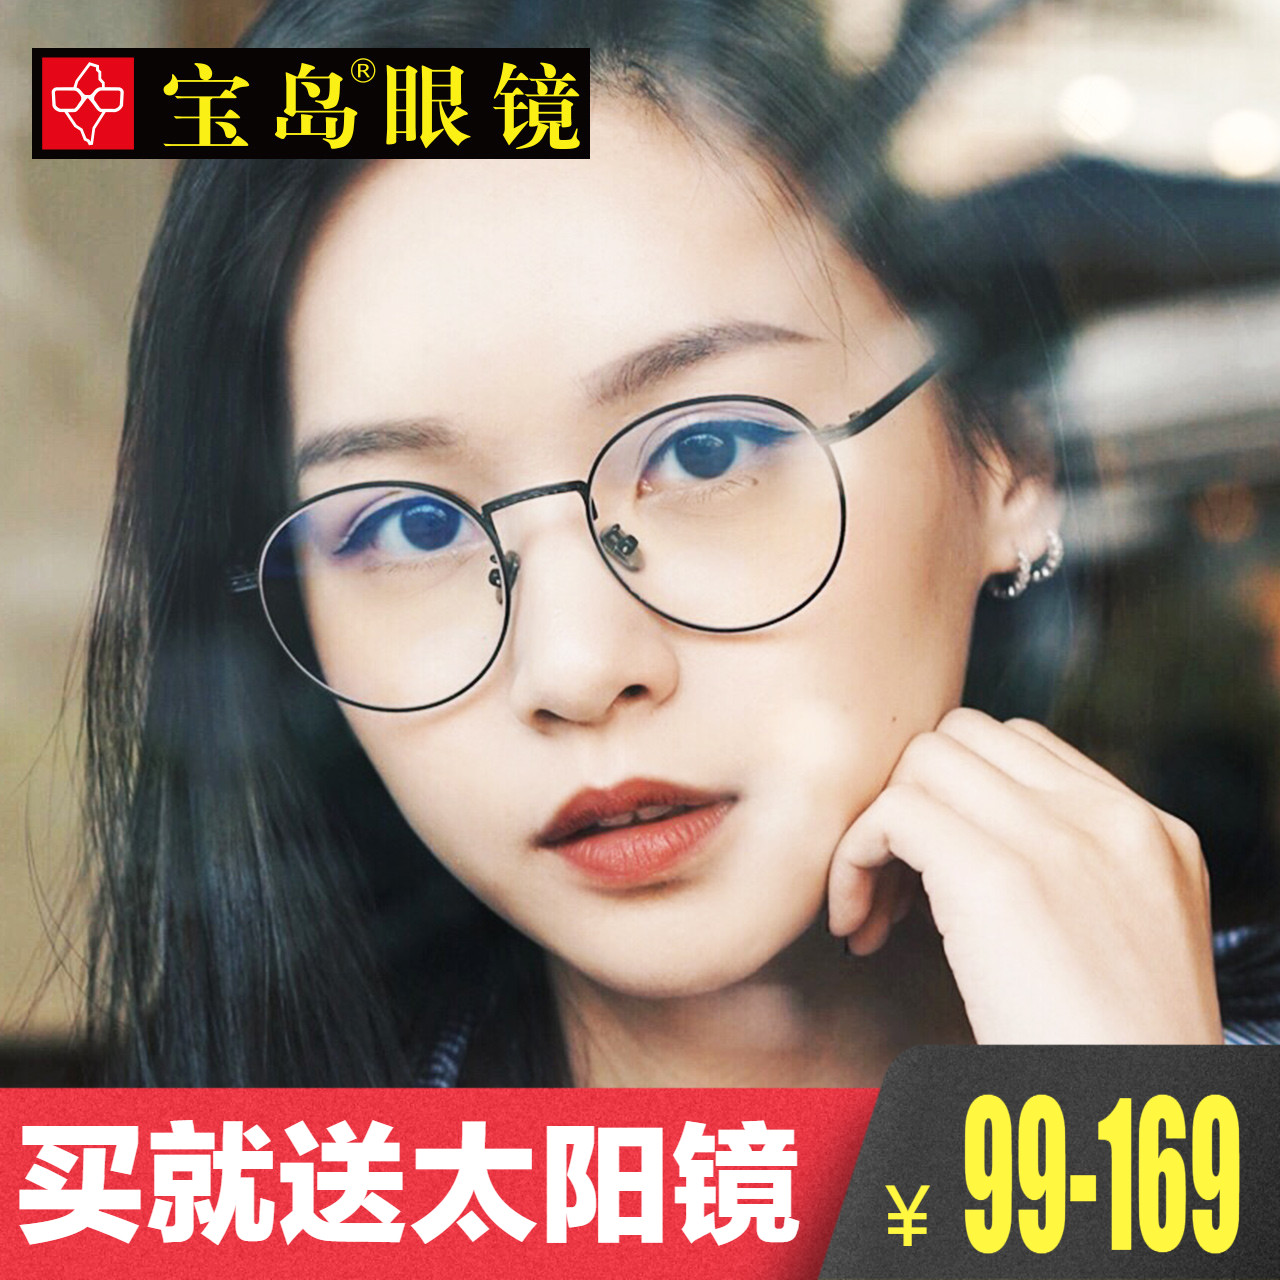 宝岛 防蓝光辐射眼镜近视男女圆框镜架手机电脑无度数平光护目镜